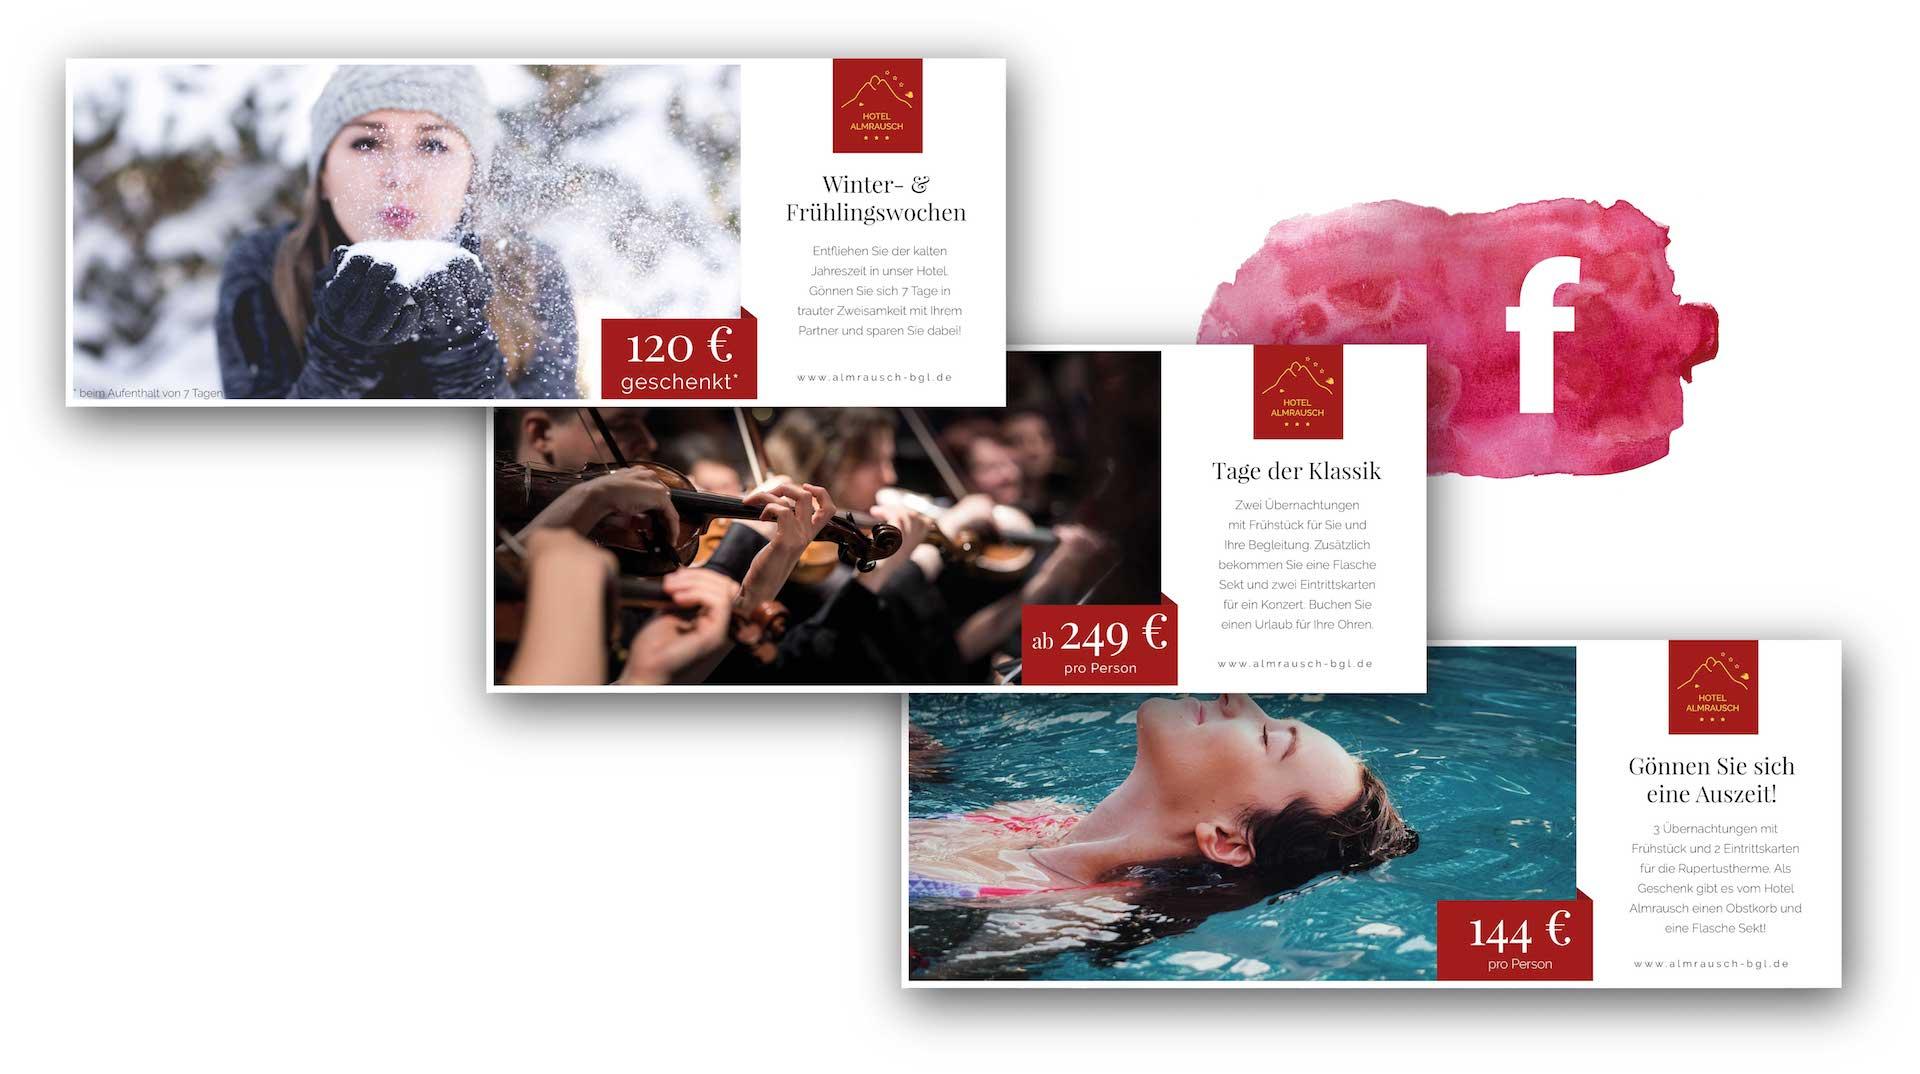 minuteman's Portfolio - Grafikdesign für das Hotel Almrausch in Bad Reichenhall - Social Media Banner